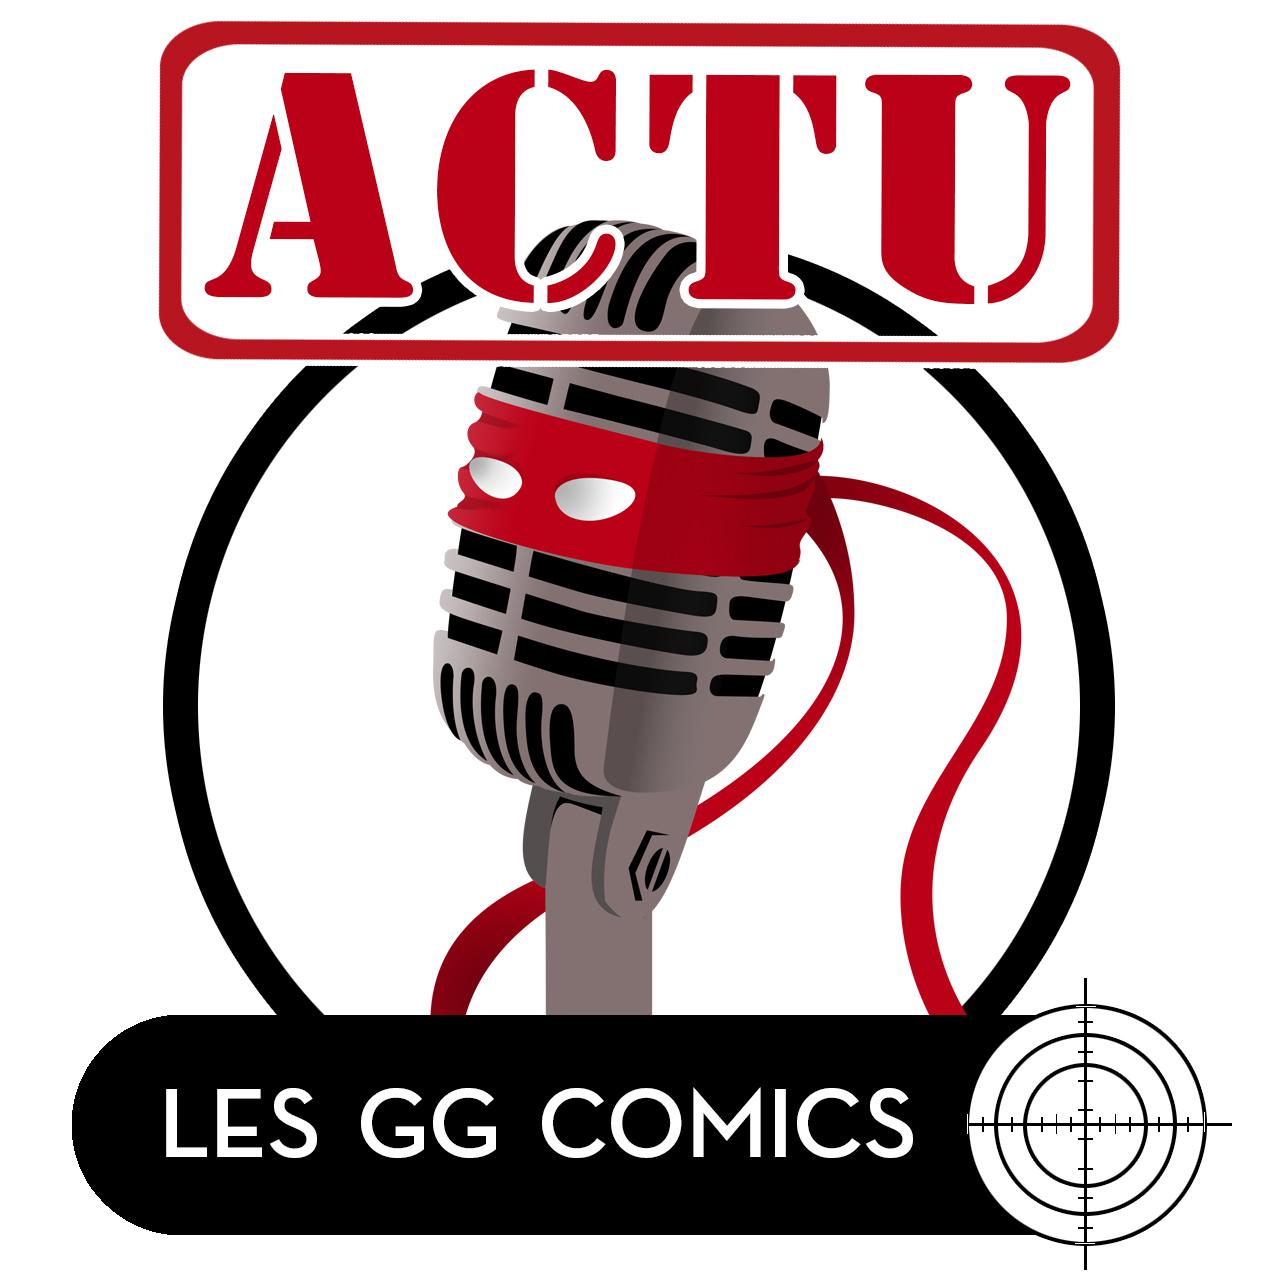 Les GG comics Actu 7 : Le bilan 2018 !